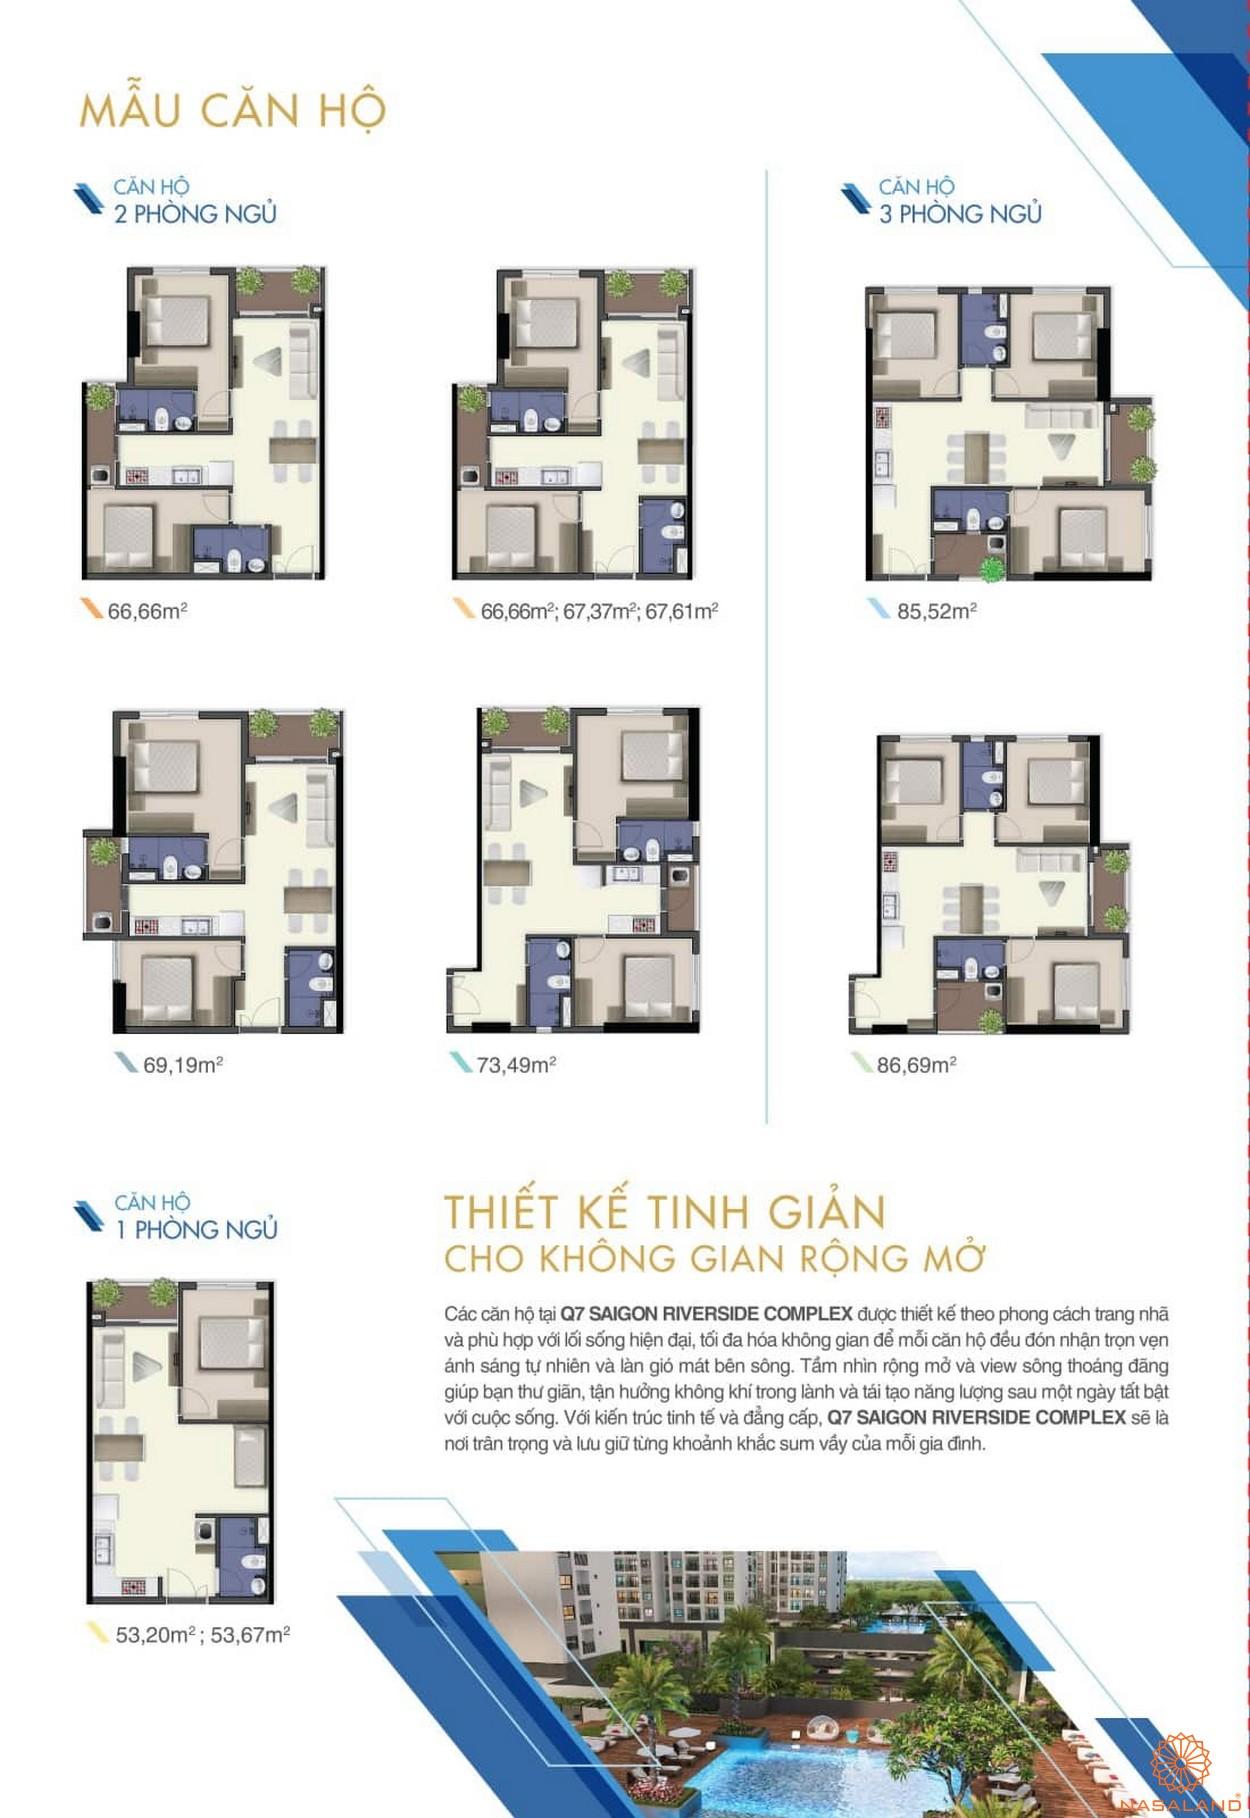 Thiết kế dự án căn hộ Universe Complex Bình Tân